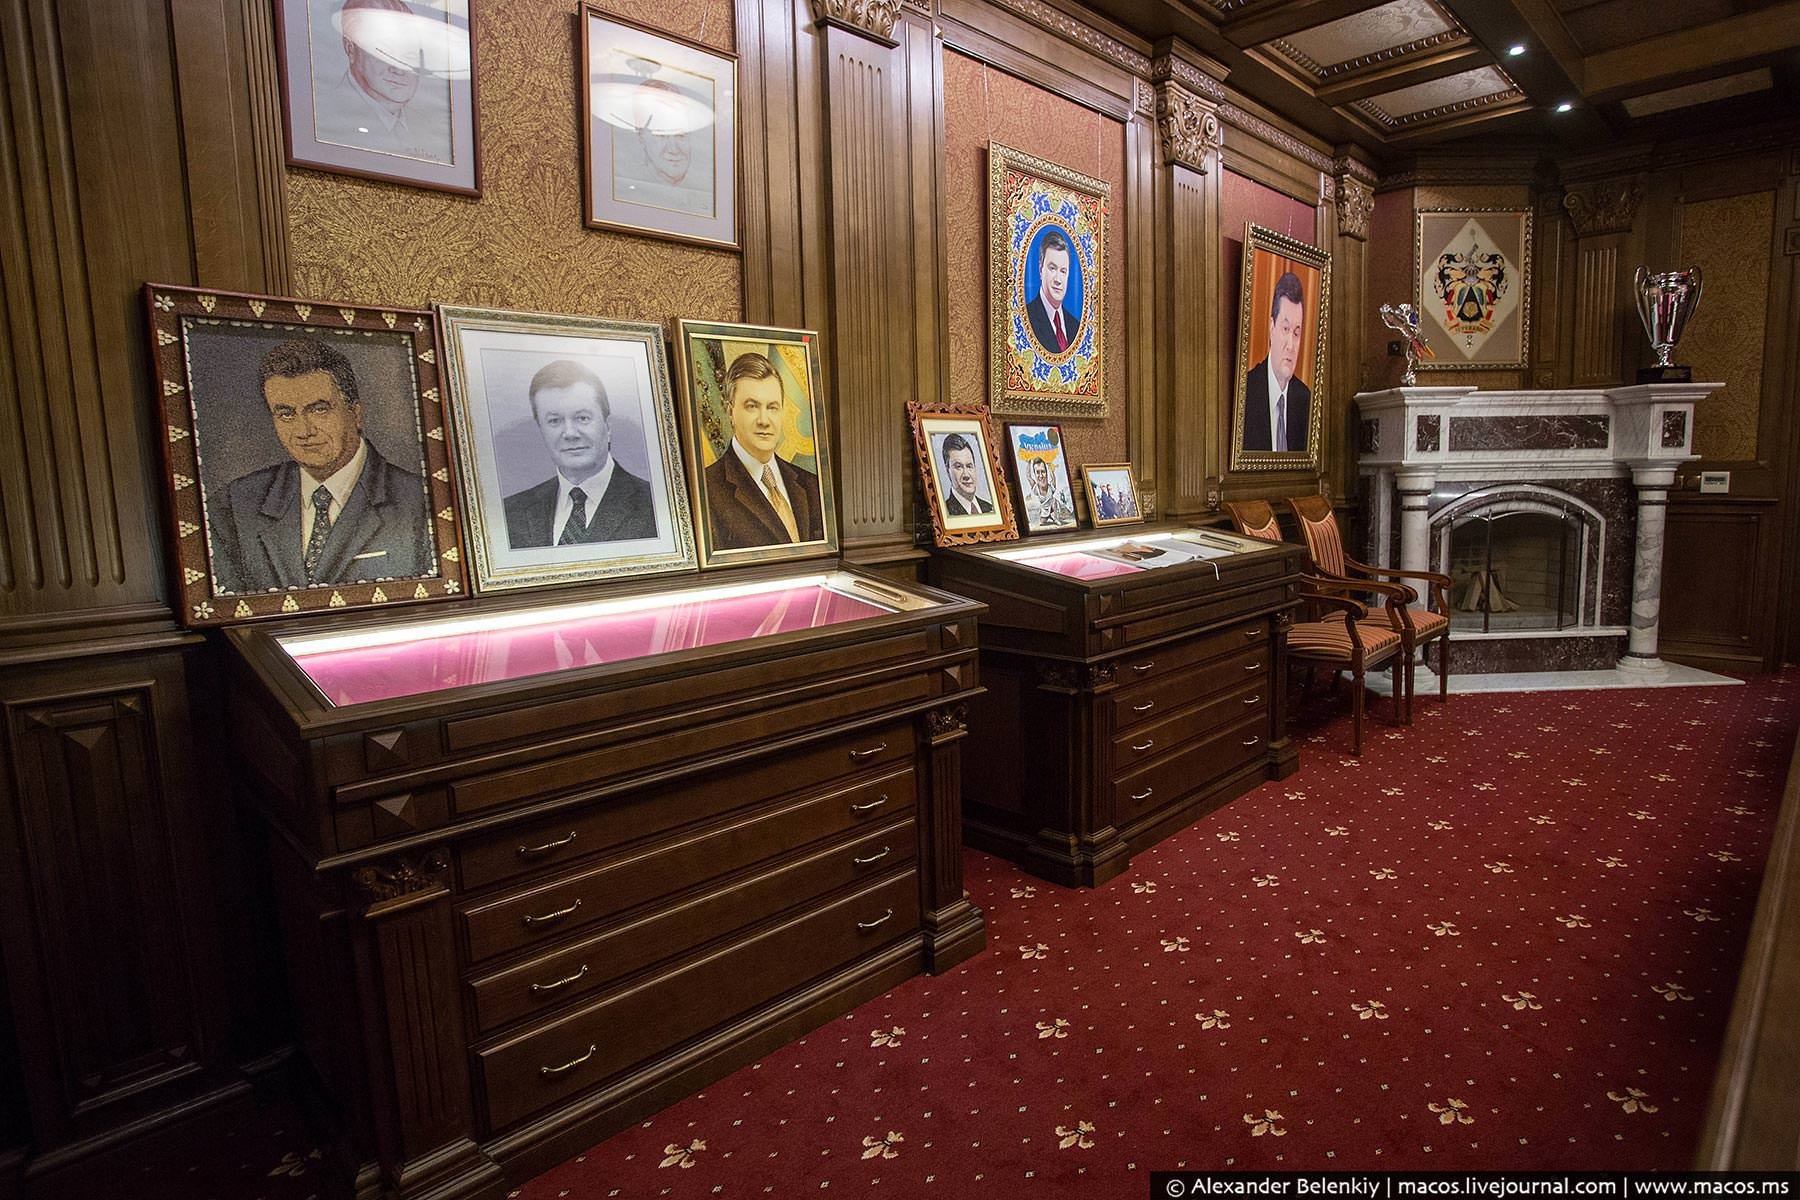 http://www.pravda-tv.ru/wp-content/uploads/2014/11/LR2014.10-UA-Residence-15.jpg